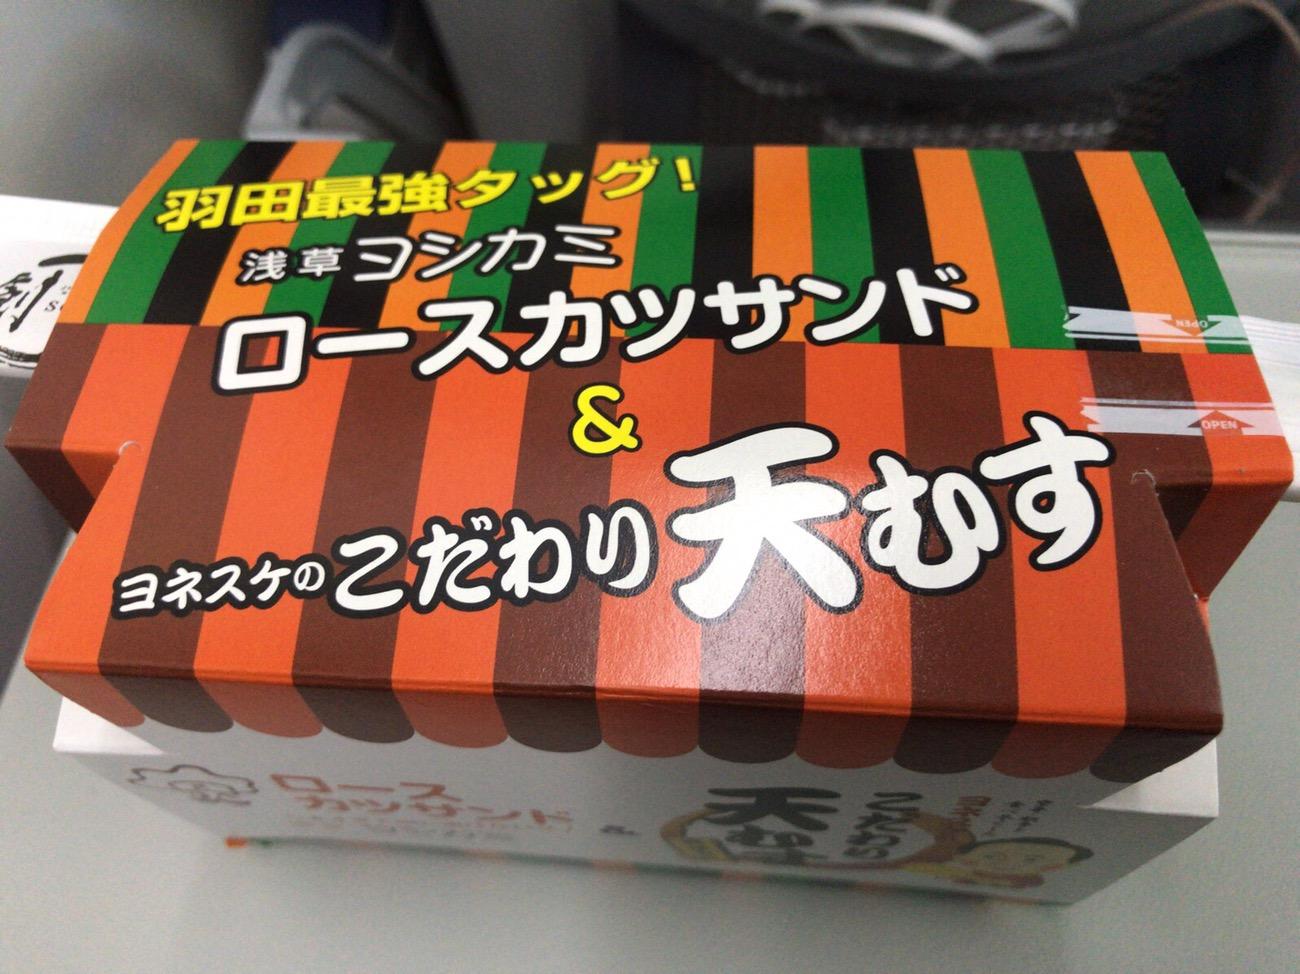 羽田空港空弁おすすめヨネスケの天むす